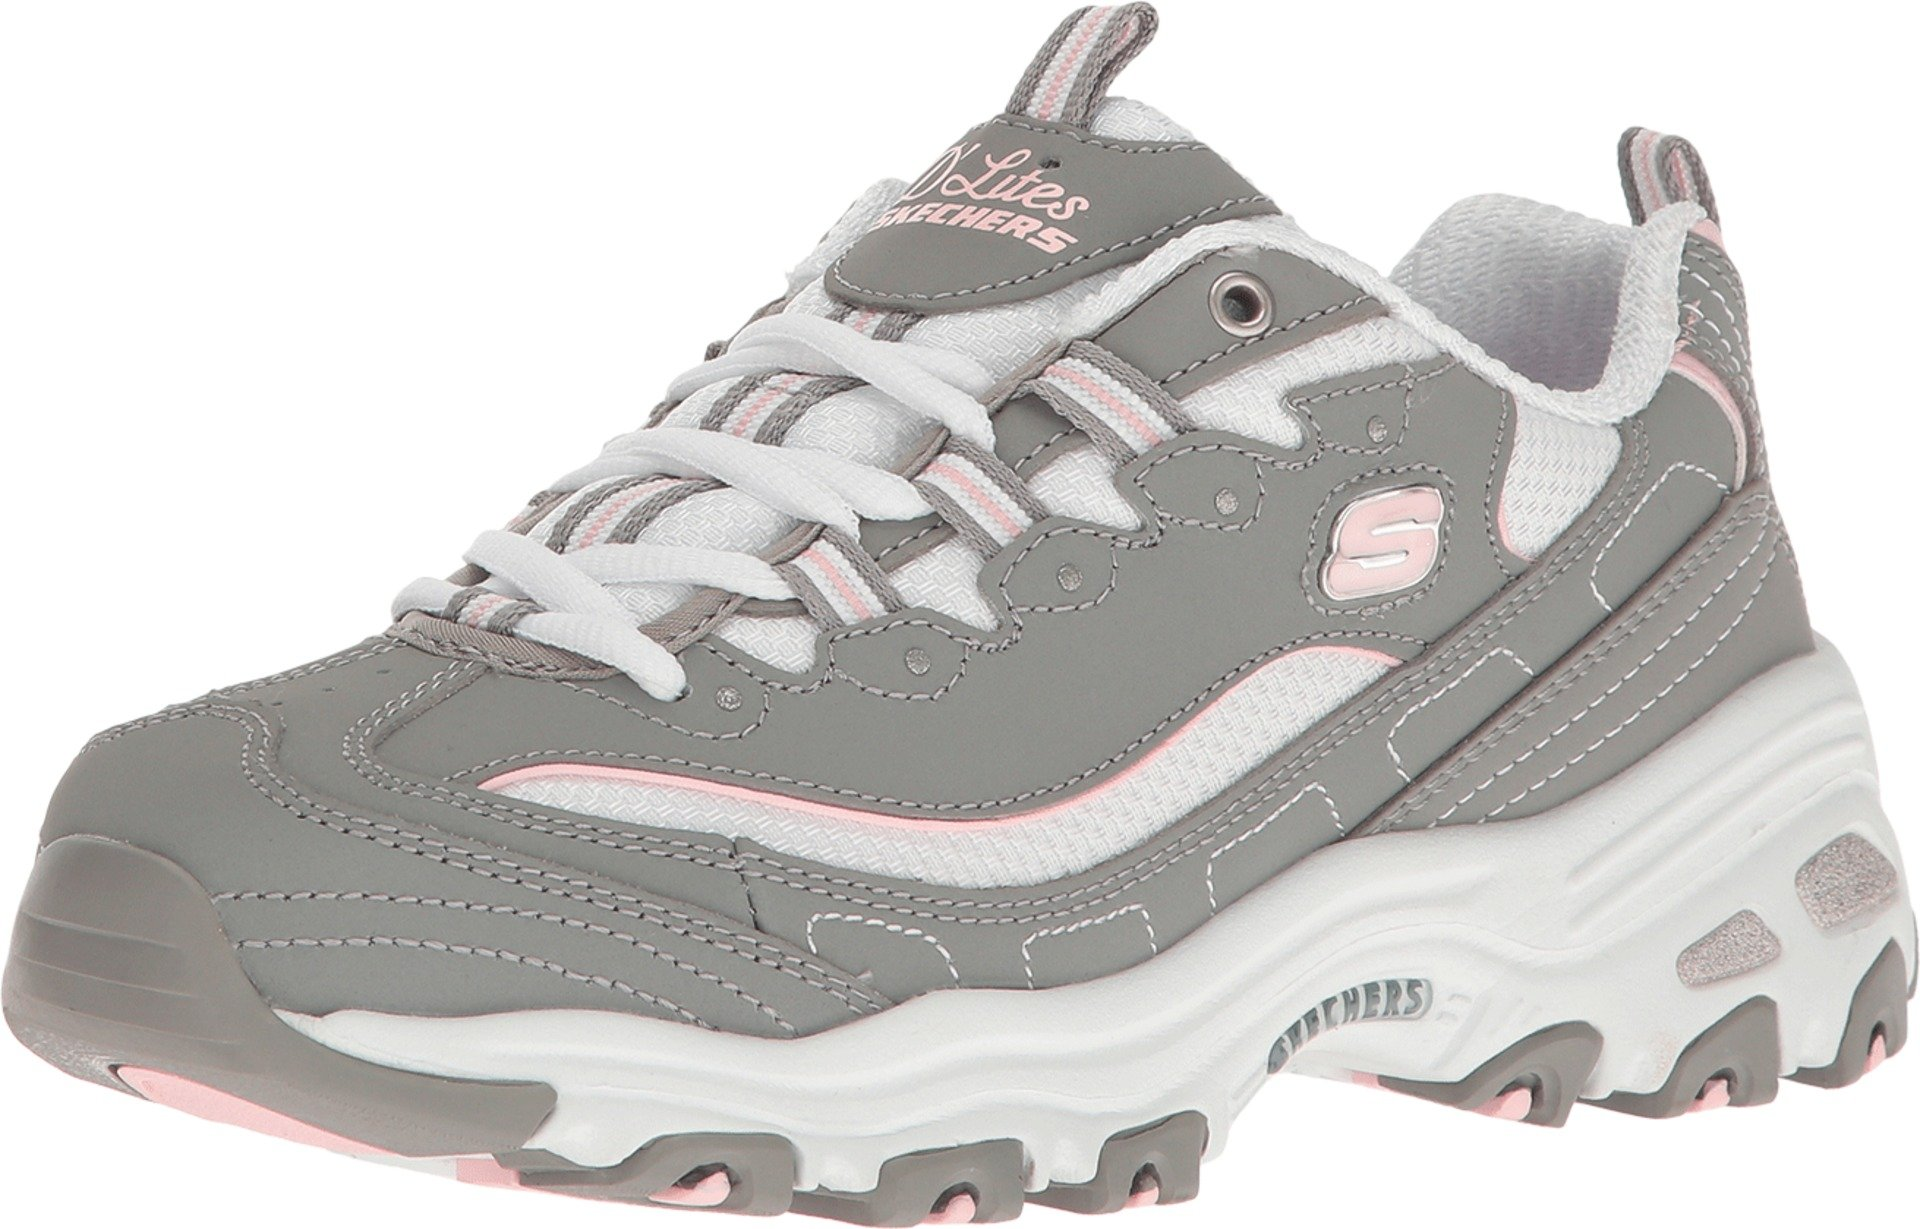 Skechers D'Lites Biggest Fan Womens Sneakers Gray/White 12